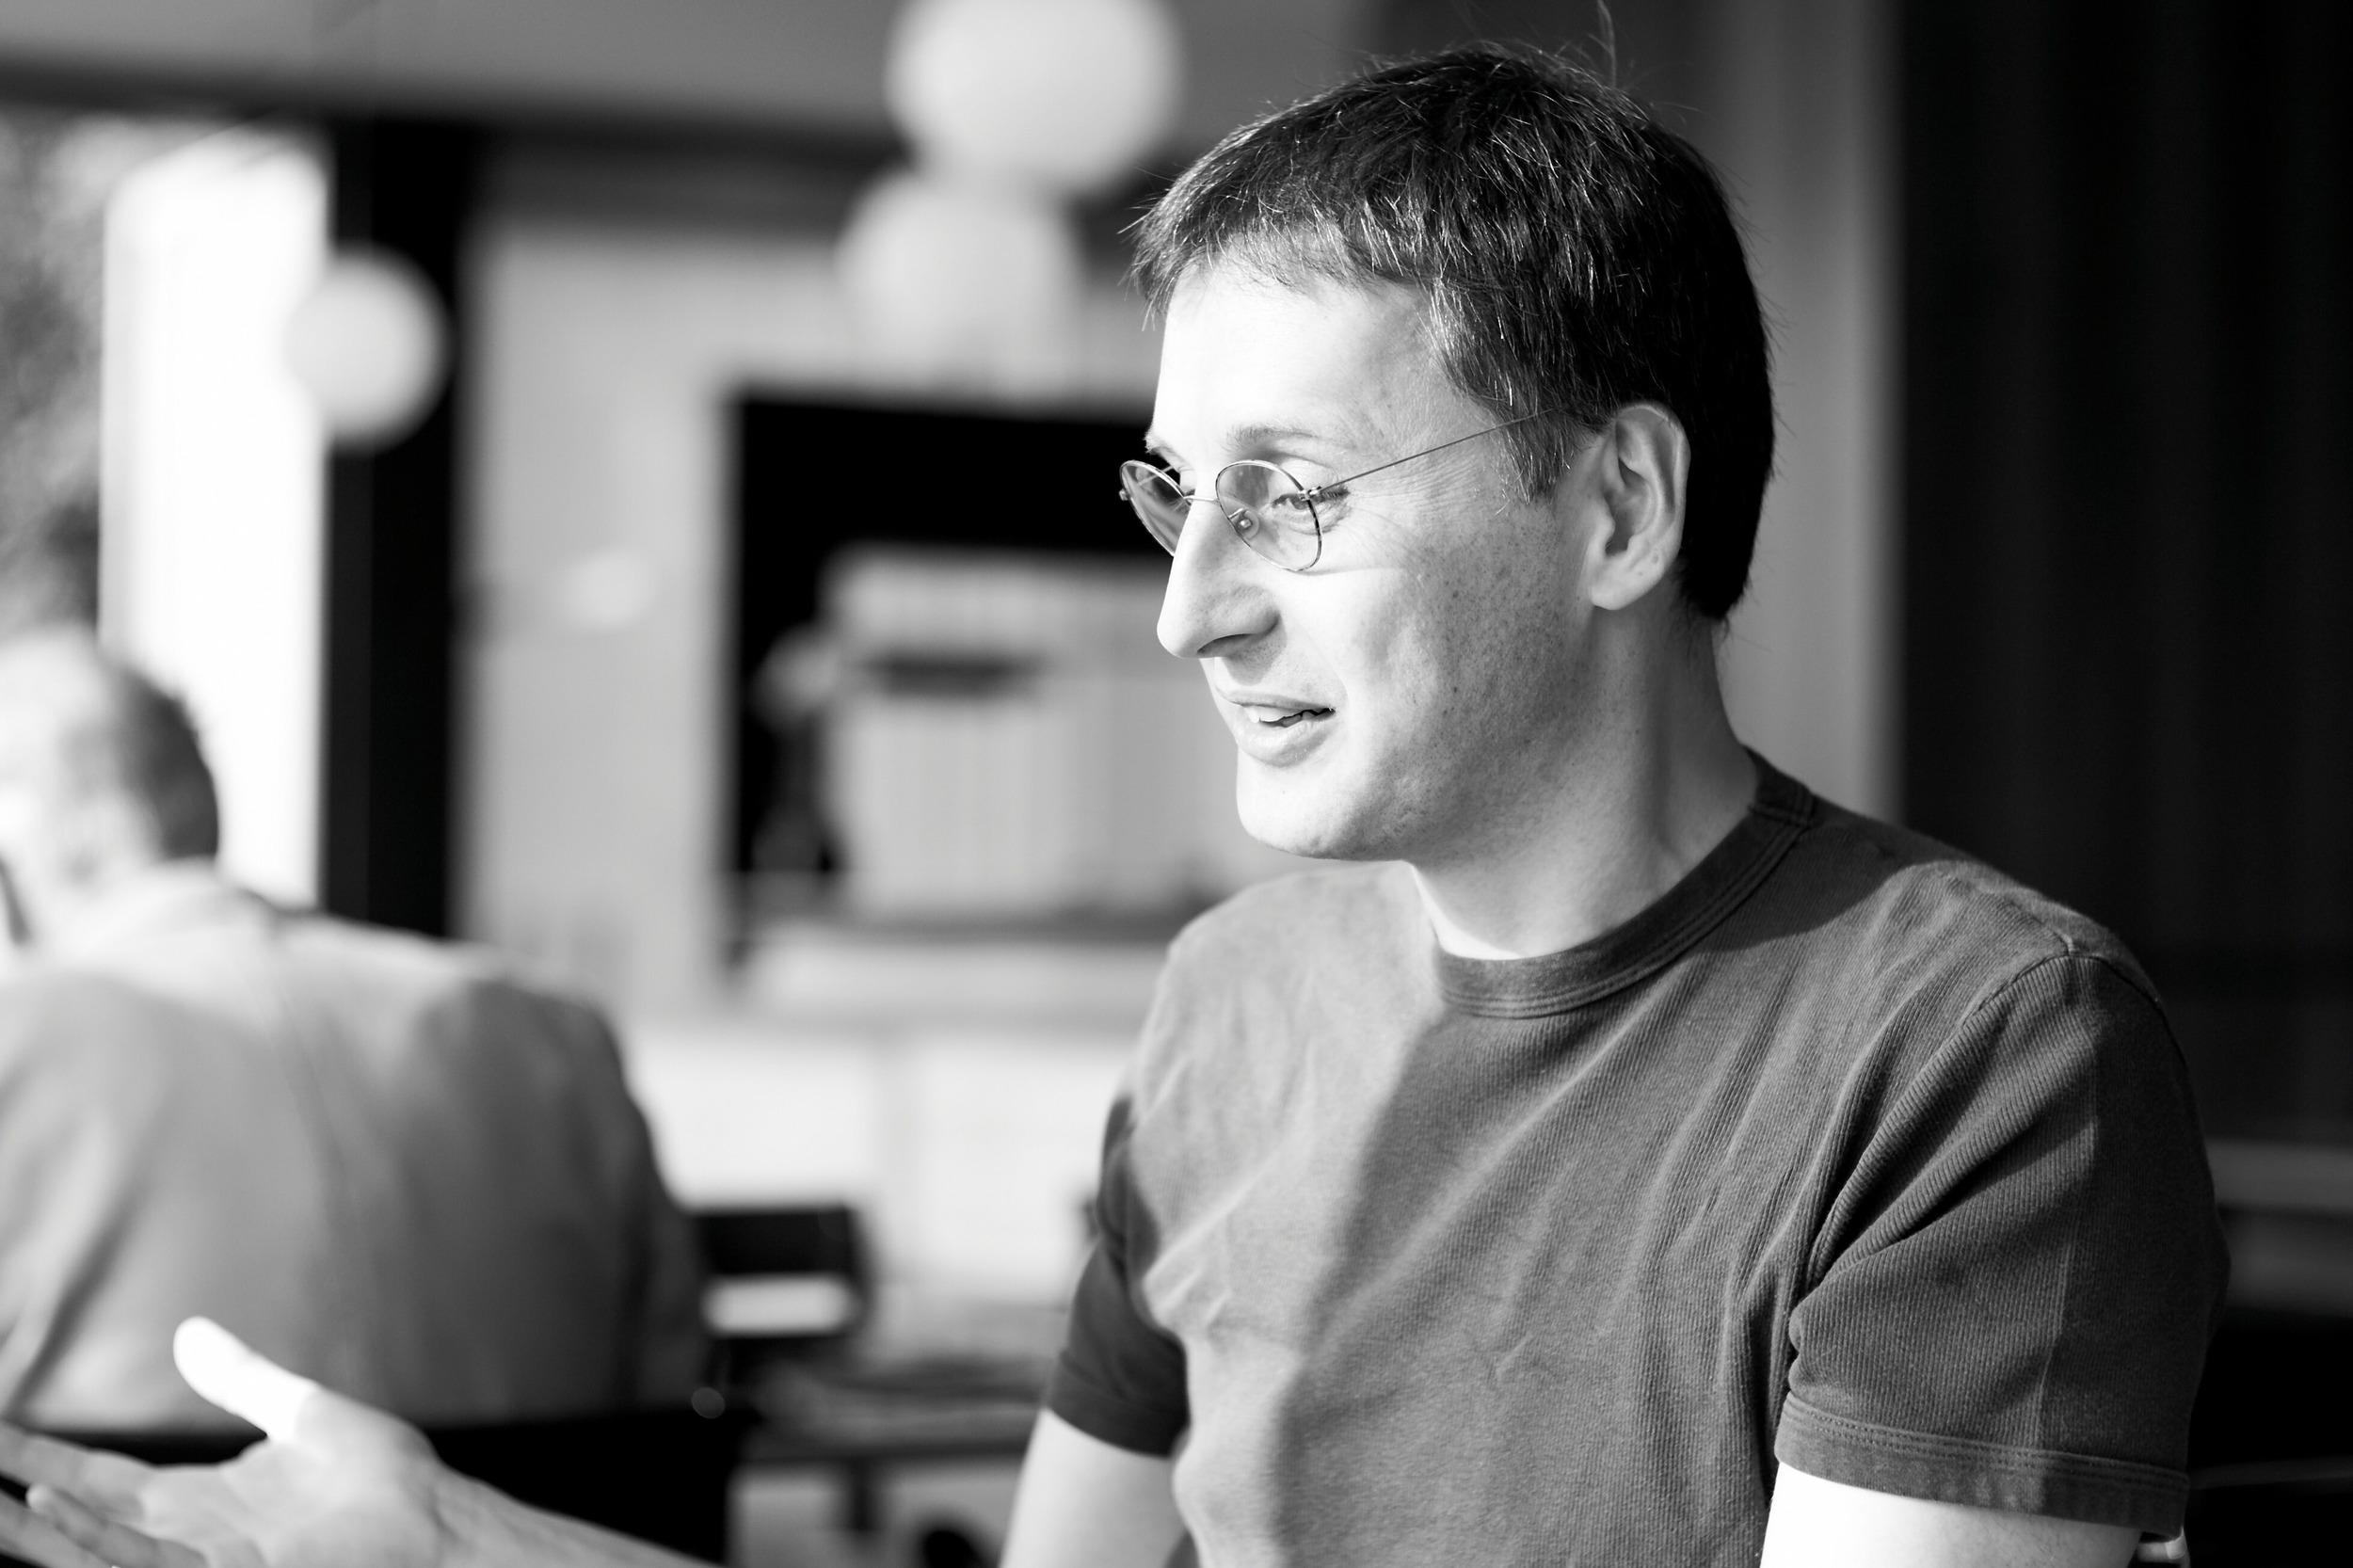 Viktor Mayer-Schönberger;Courtesy of Joi Ito